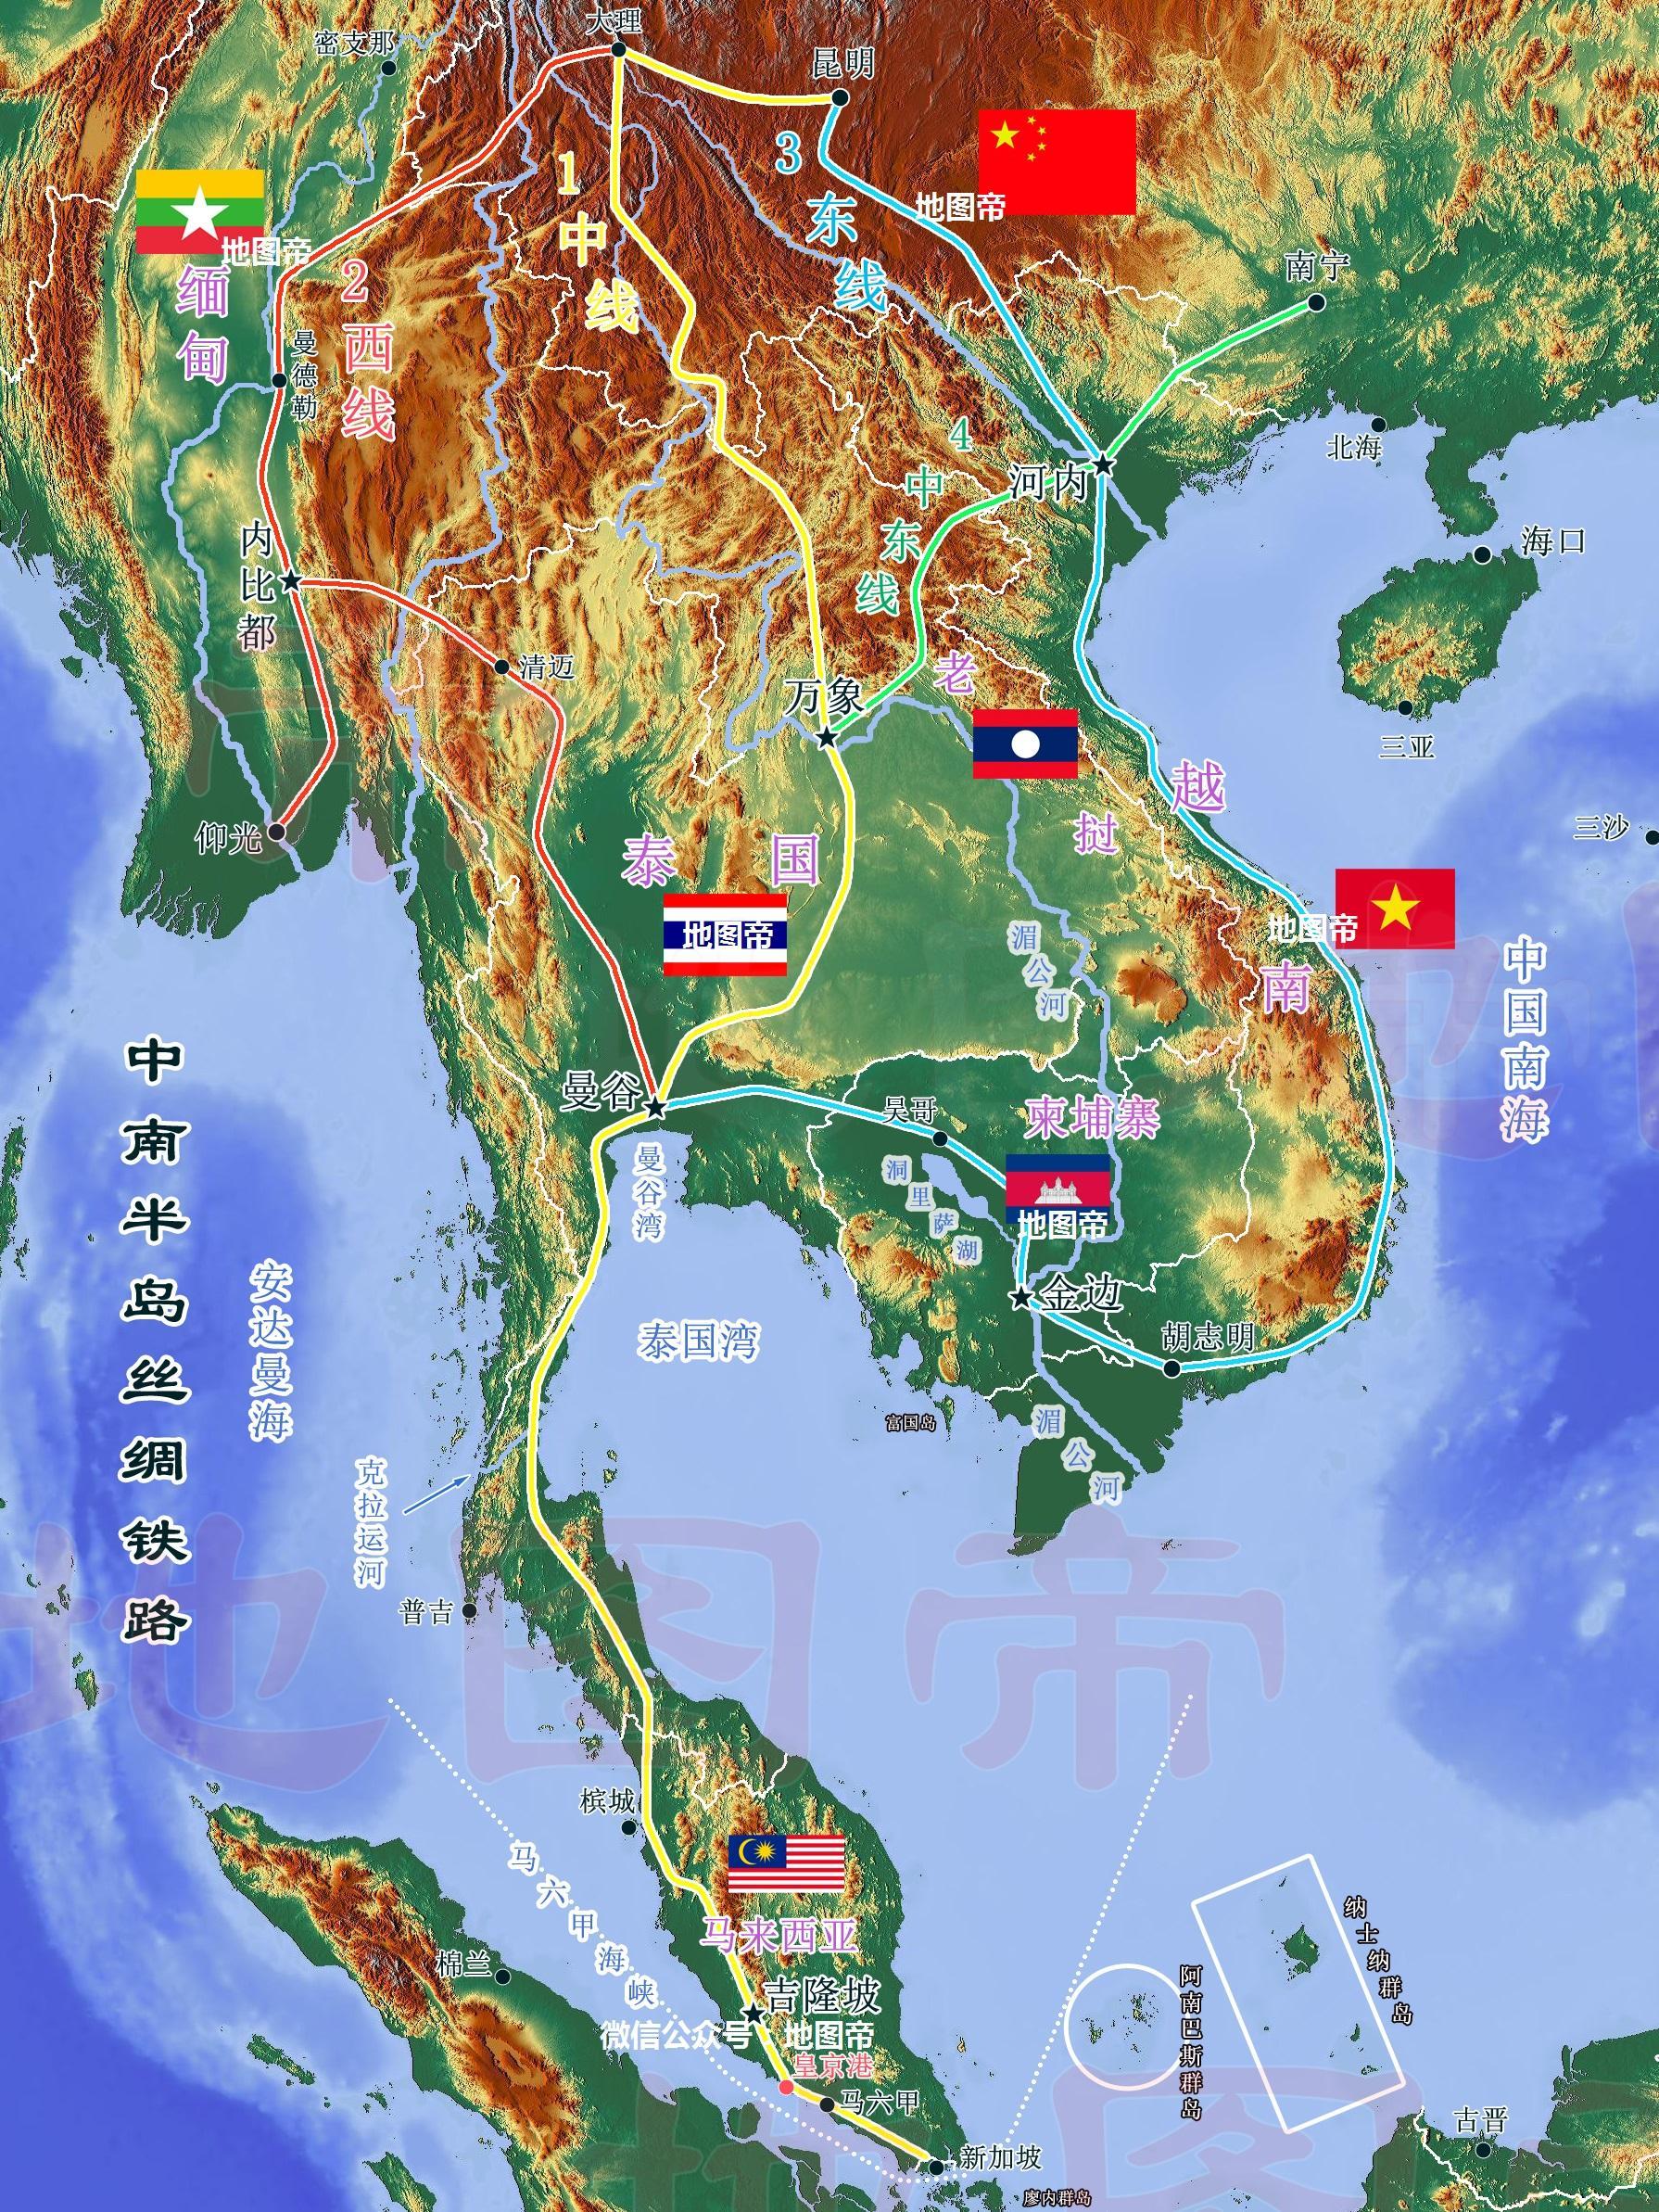 第三条铁路名为东线,起点云南昆明,经越南河内、胡志明市、柬埔寨金边到泰国曼谷,接着南下到马来西亚与新加坡,全长5500公里。 第四条铁路名为中东线,起点广西南宁,经越南河内,到老挝万象,与第一、第三条线路交汇。 从地图上看泰国曼谷成为三条动脉的交汇点,曼谷也正好地处铁路距离上的中心位置。若铁路全线贯通,曼谷有望成为中南半岛乃至东南亚的交通中心,泰国将在中南半岛形成核心地位。